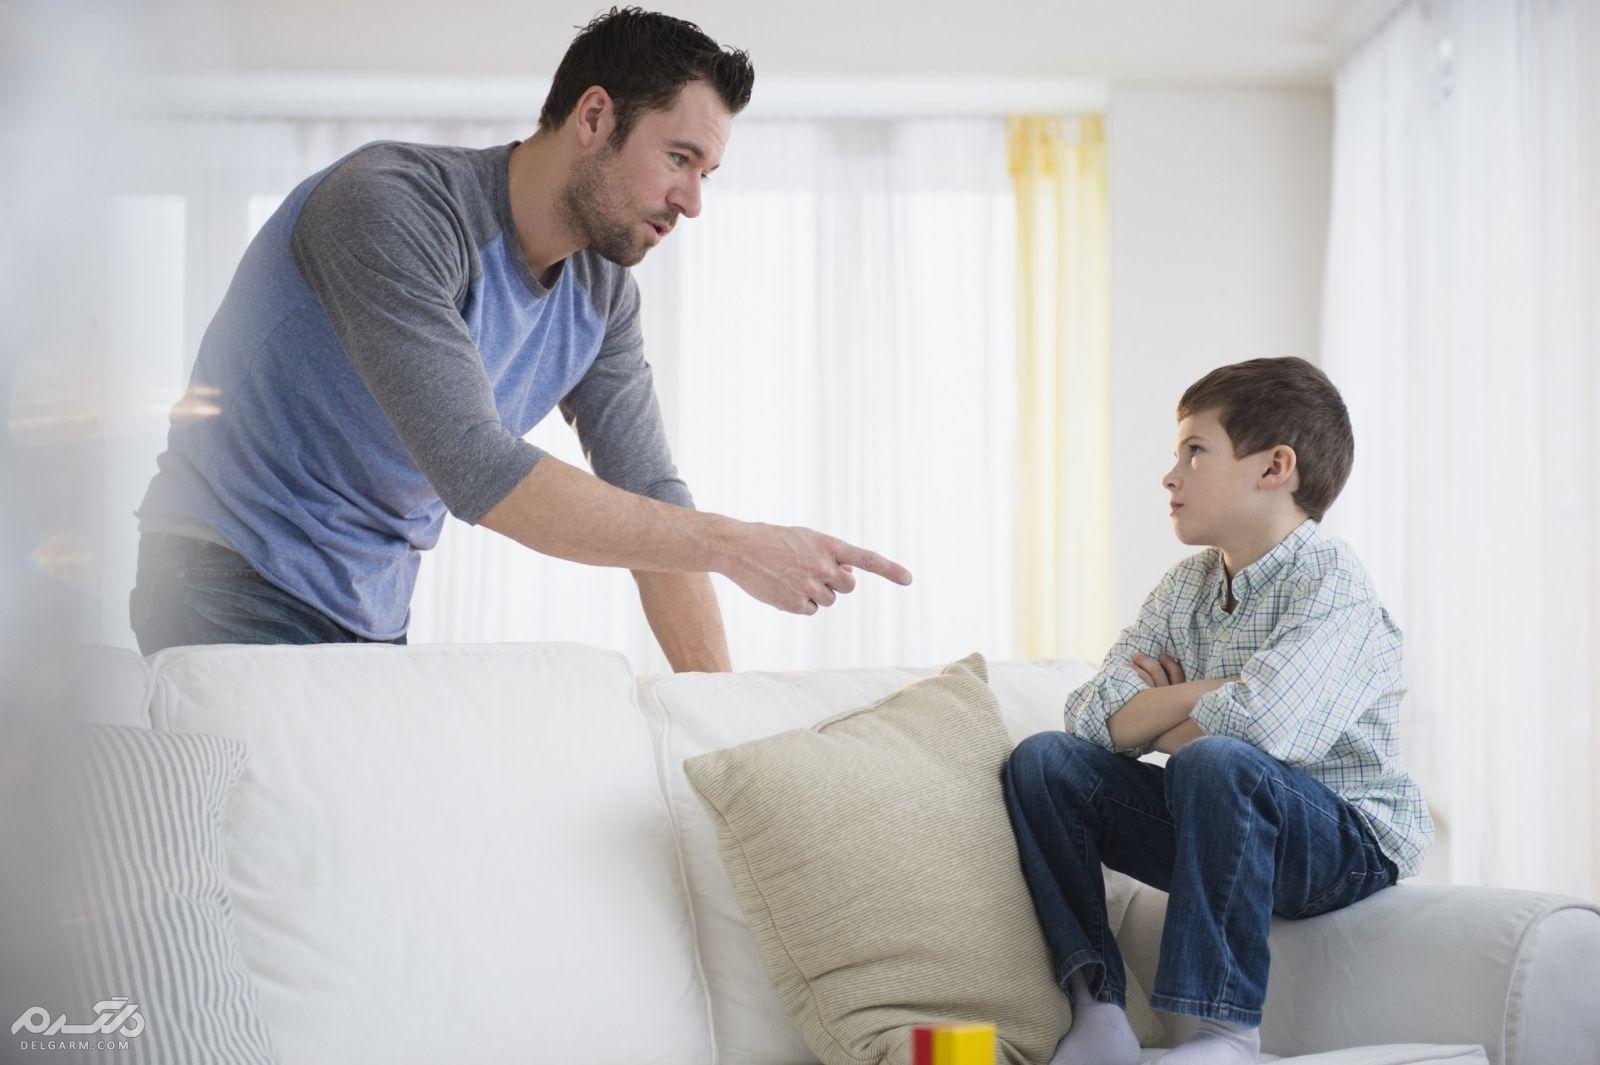 رفتار مناسب به جای تنبیه بدنی در کودکان